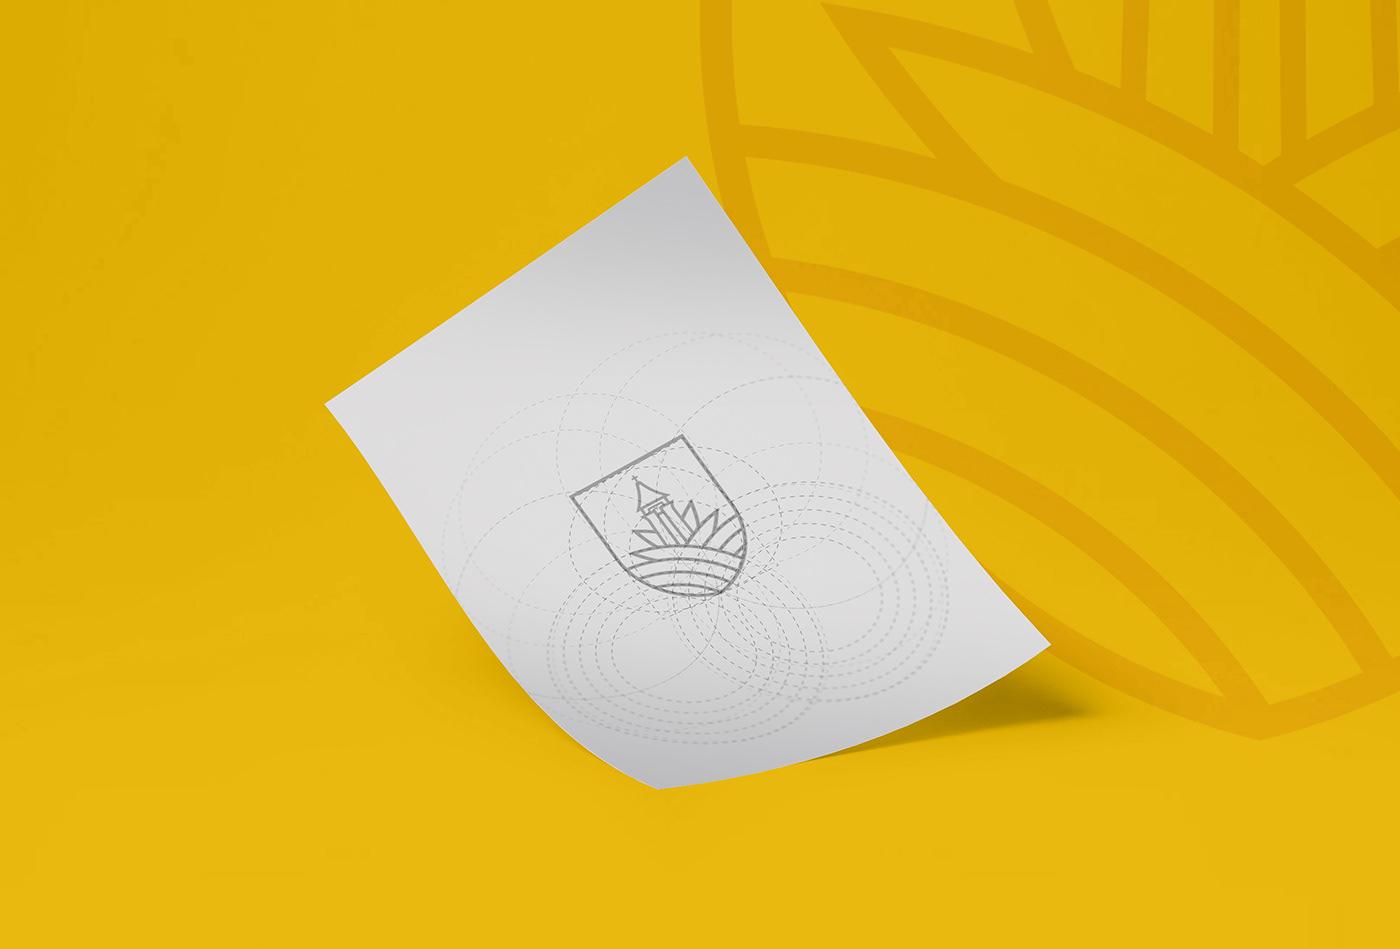 roka_veresegyhaz_logo_neonkult_03.jpg